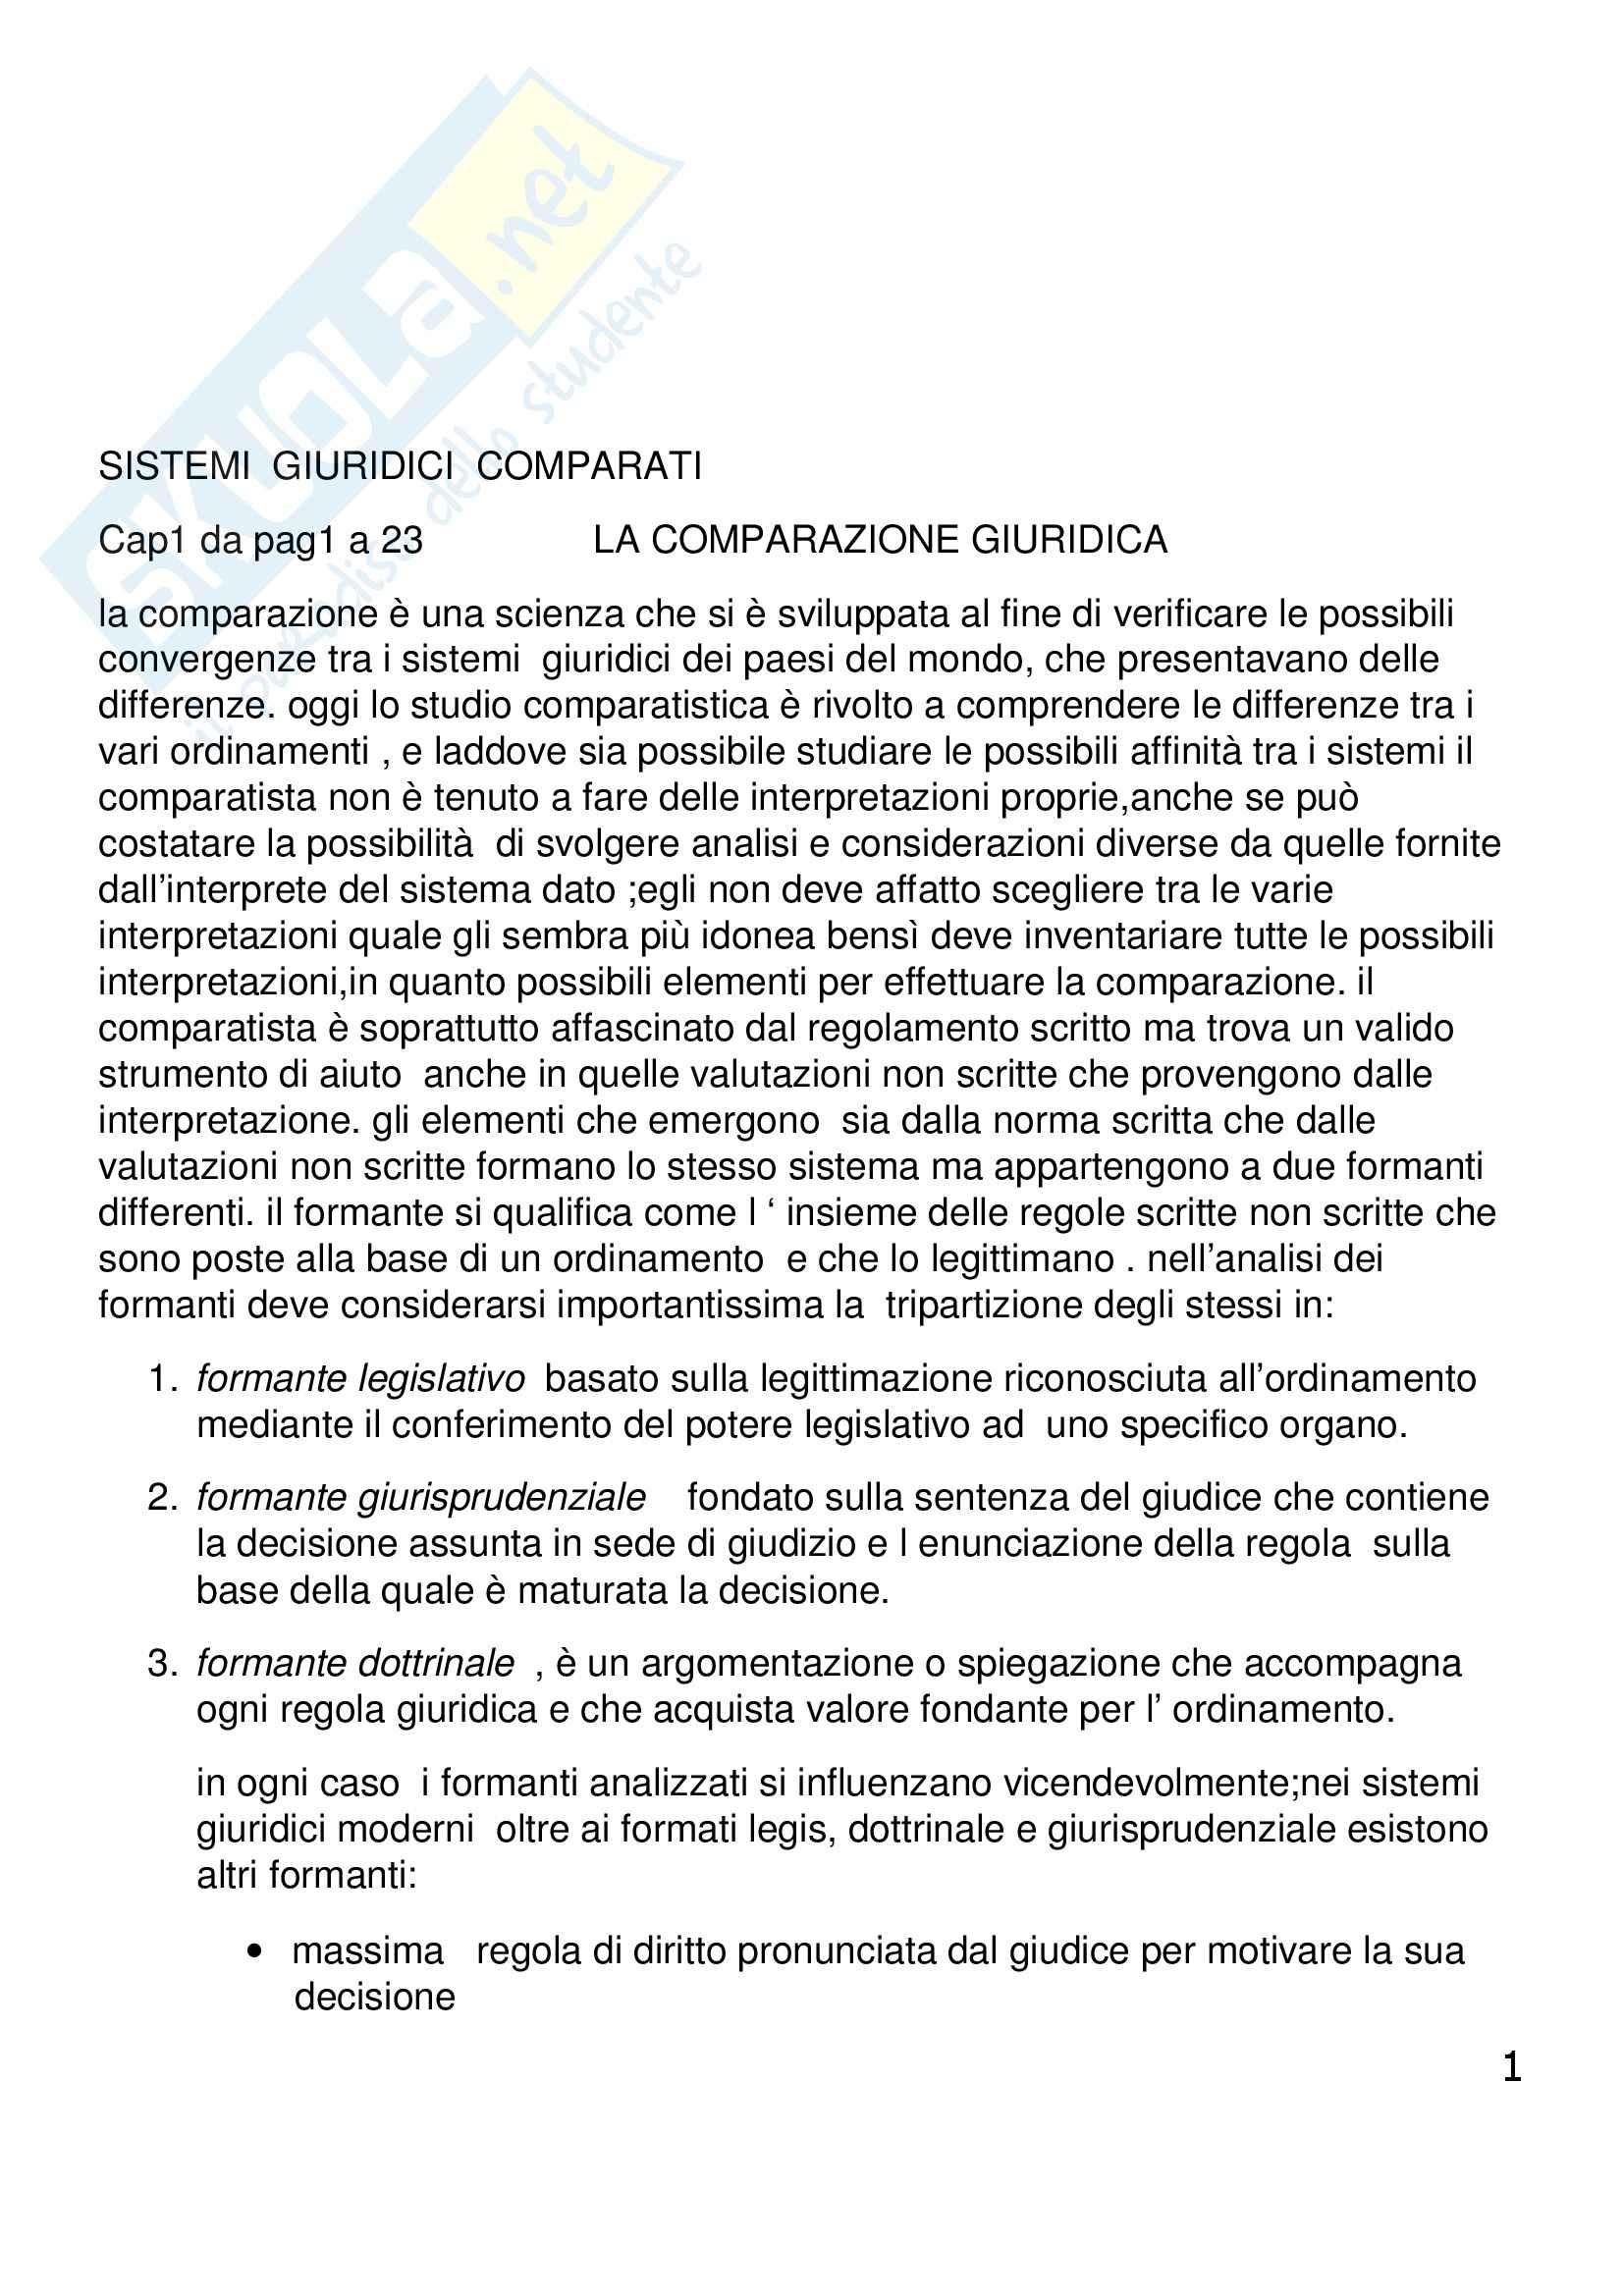 Riassunto esame Diritto Privato Comparato, prof. Corapi, libro consigliato Sistemi Giuridici Comparati, Gambaro, Sacco